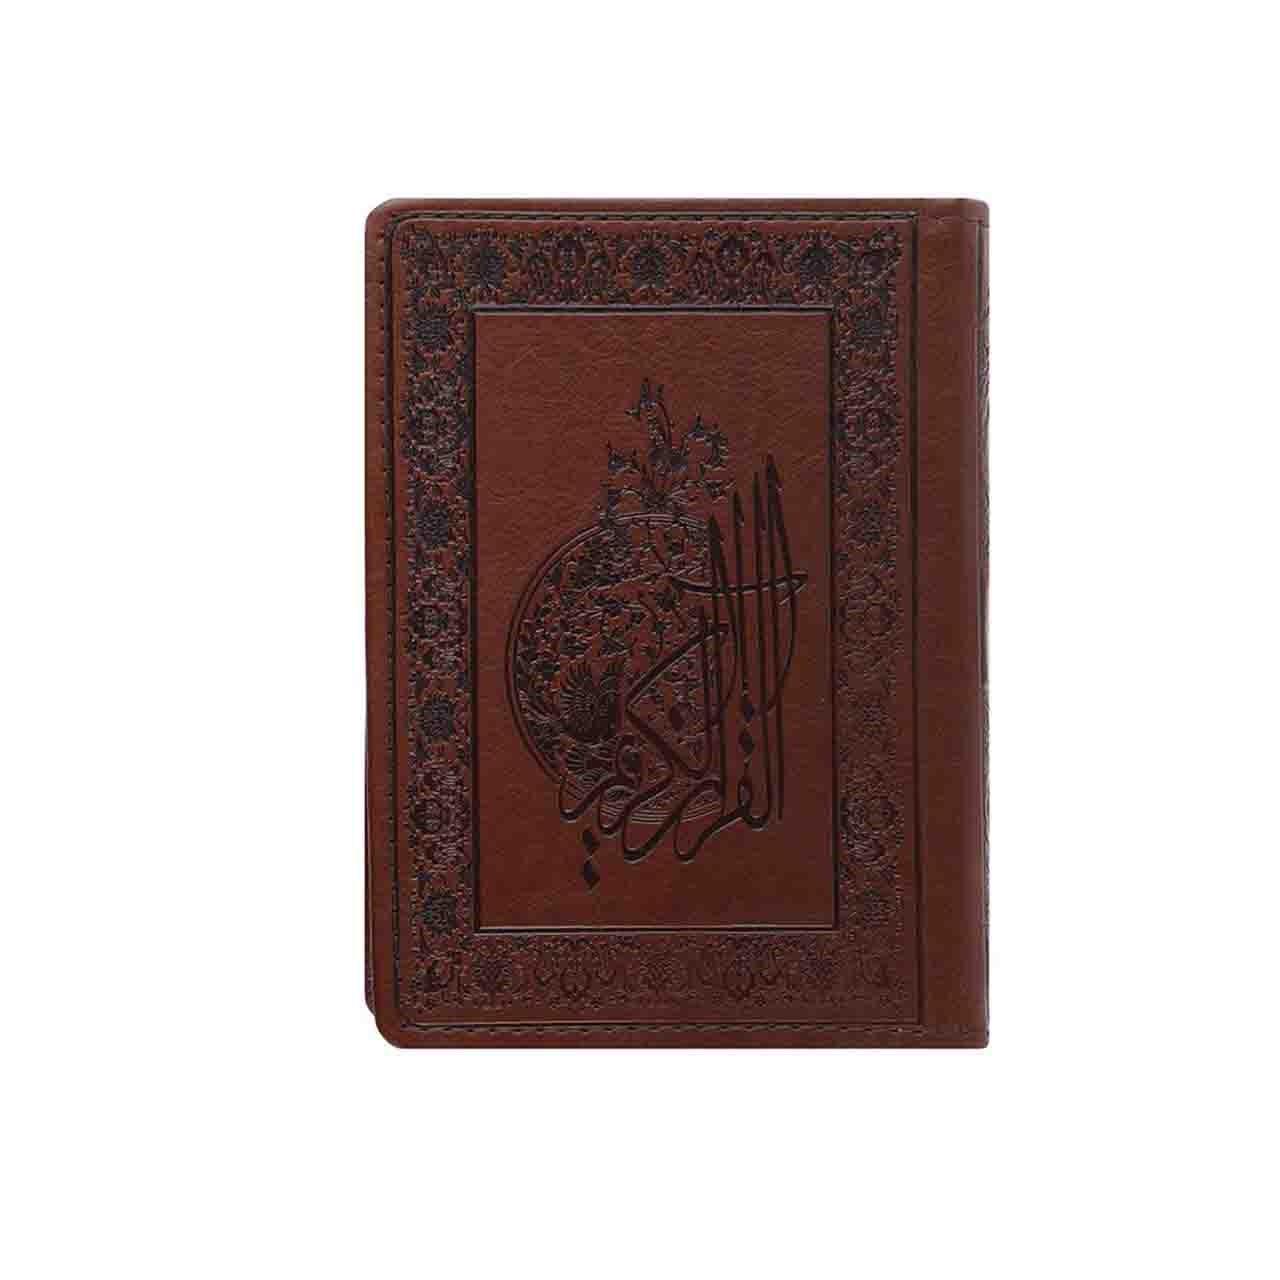 کتاب قرآن کریم مدل 02